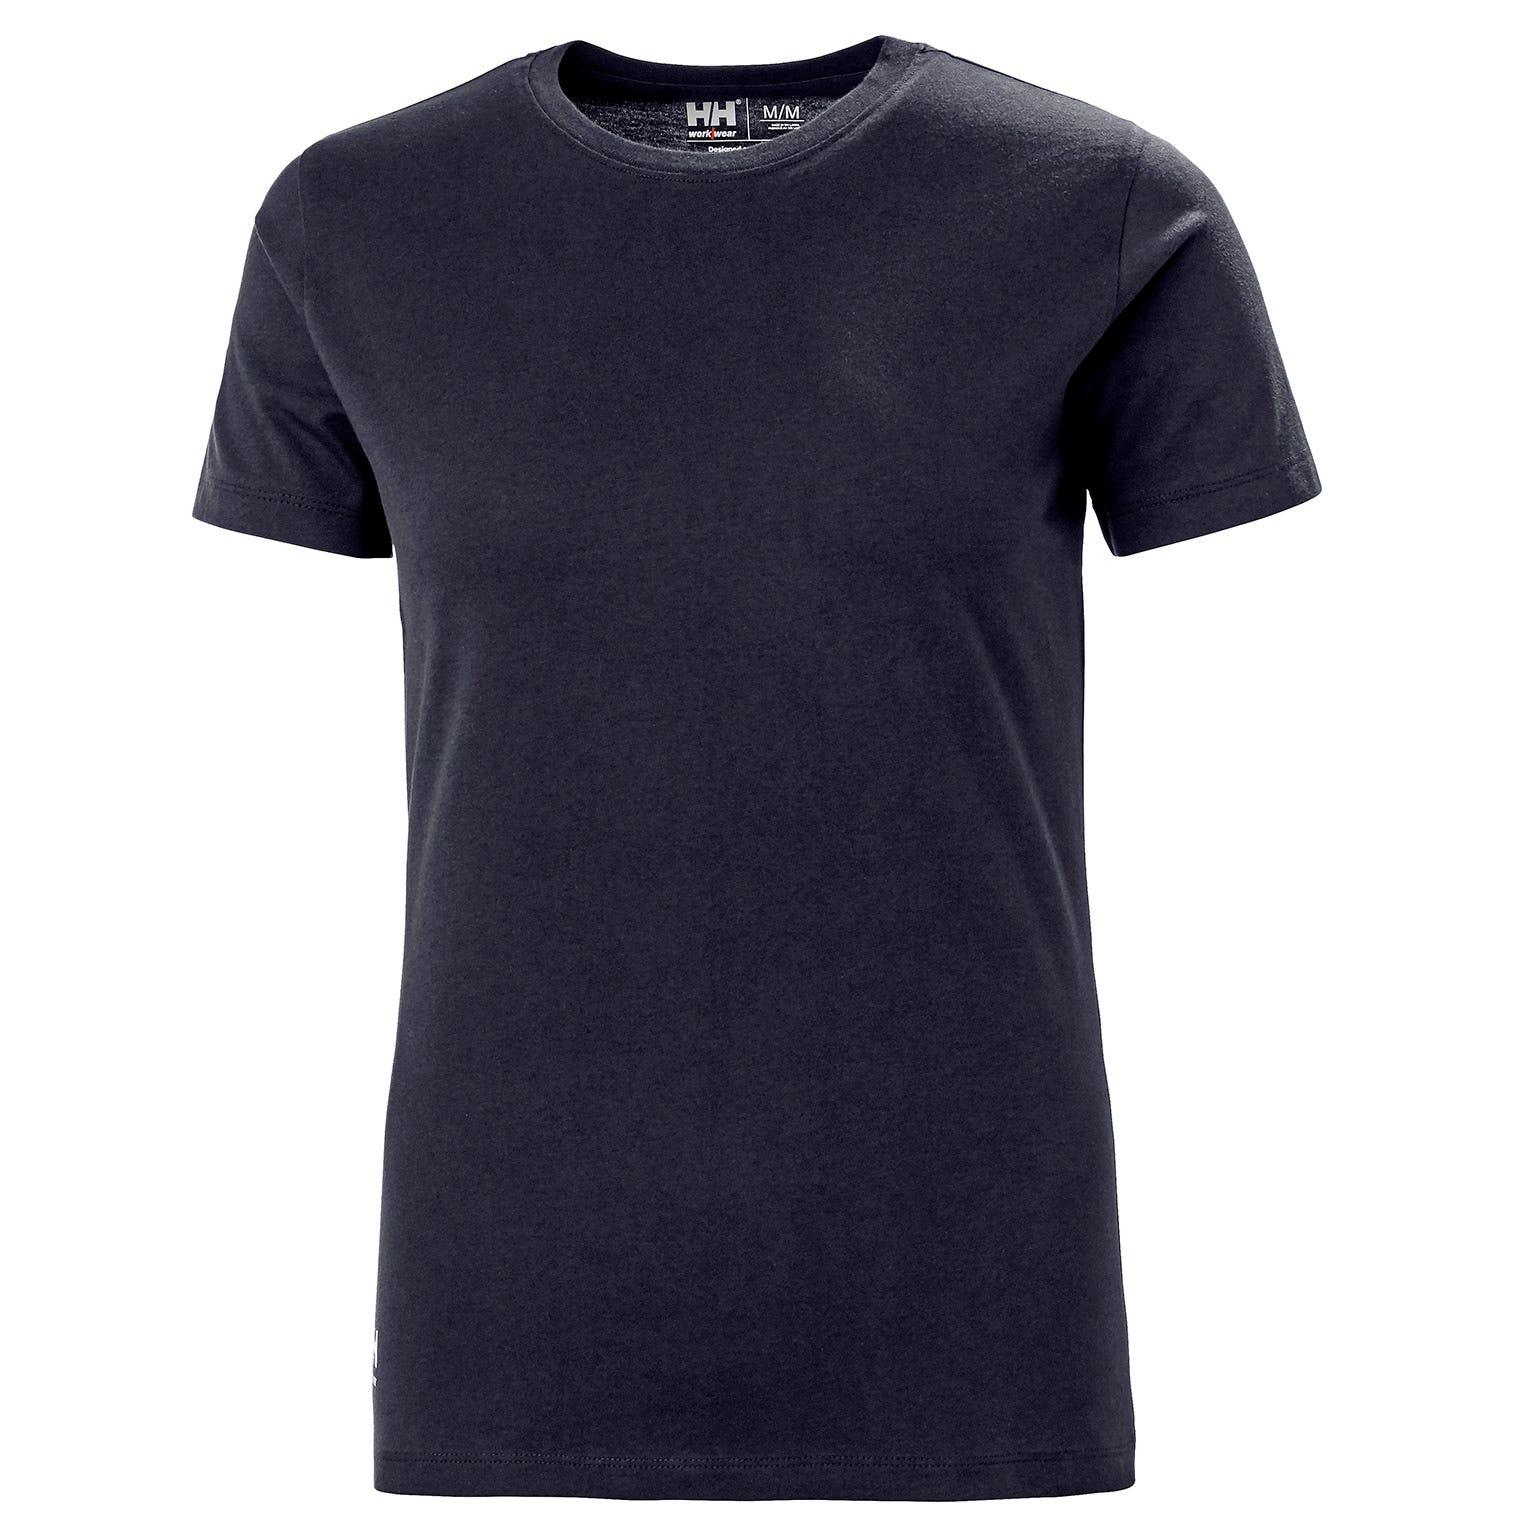 HH Workwear Helly Hansen WorkwearWomen's Manchester Cotton T-Shirt Navy L